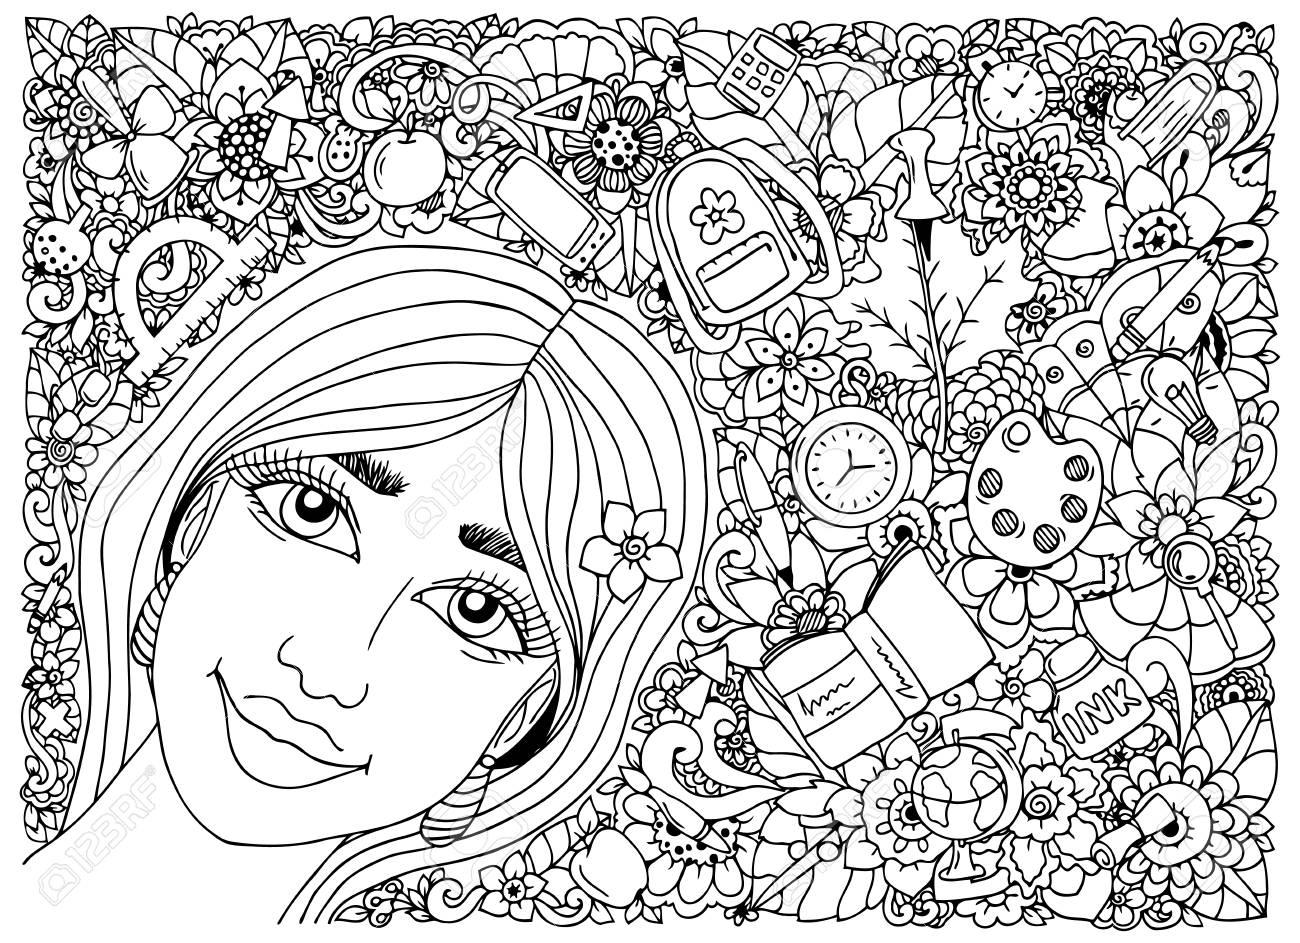 Coloriage Zen Ecole.Vector Illustration Zentangl Ecoliere Dans Un Cadre Avec Des